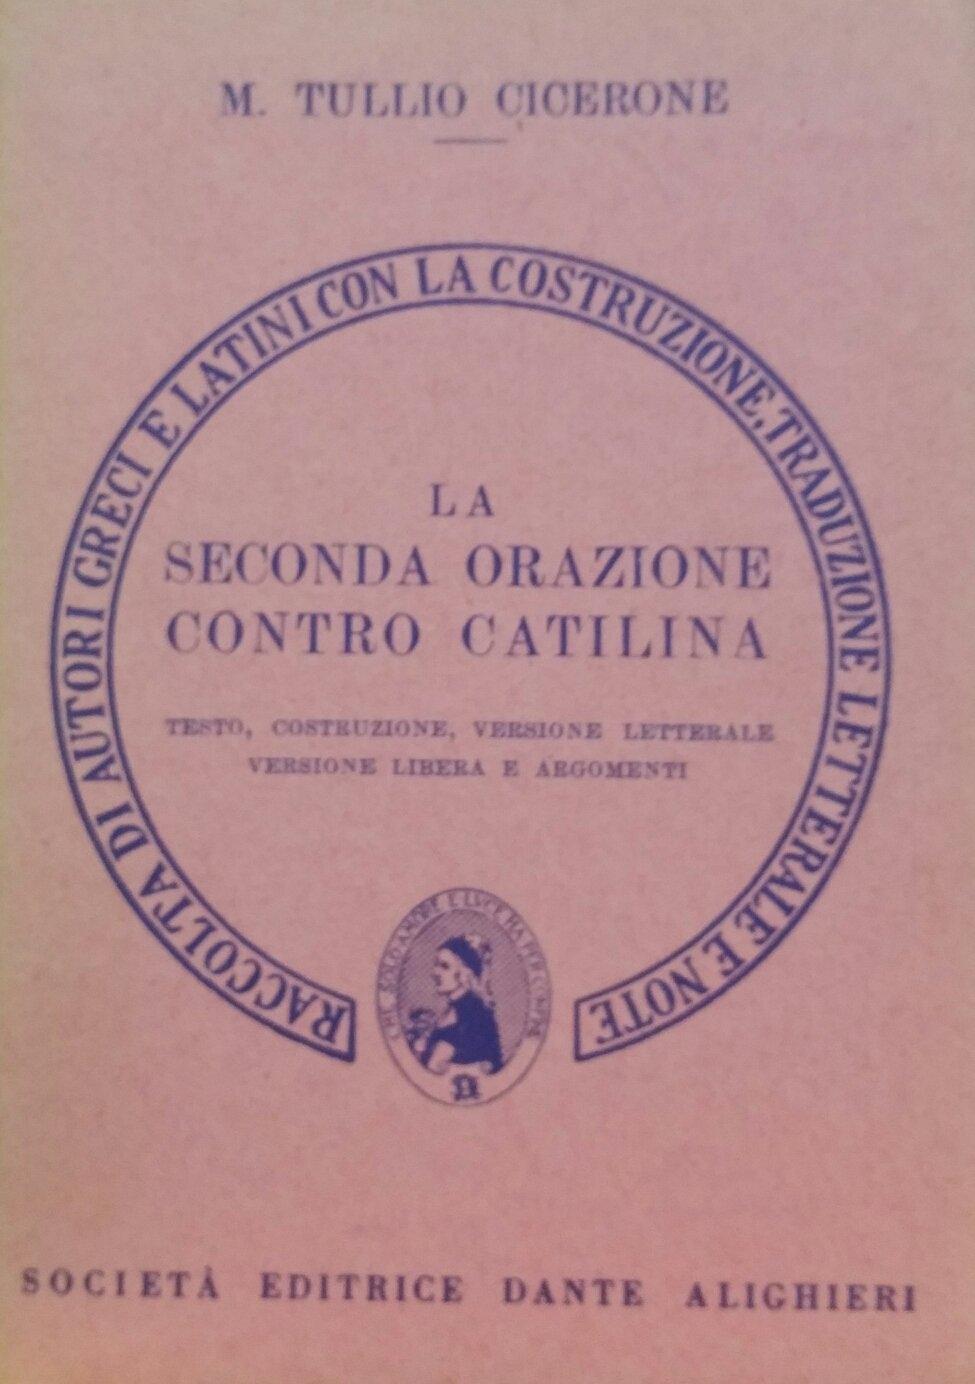 La seconda orazione contro Catilina. Versione interlineare